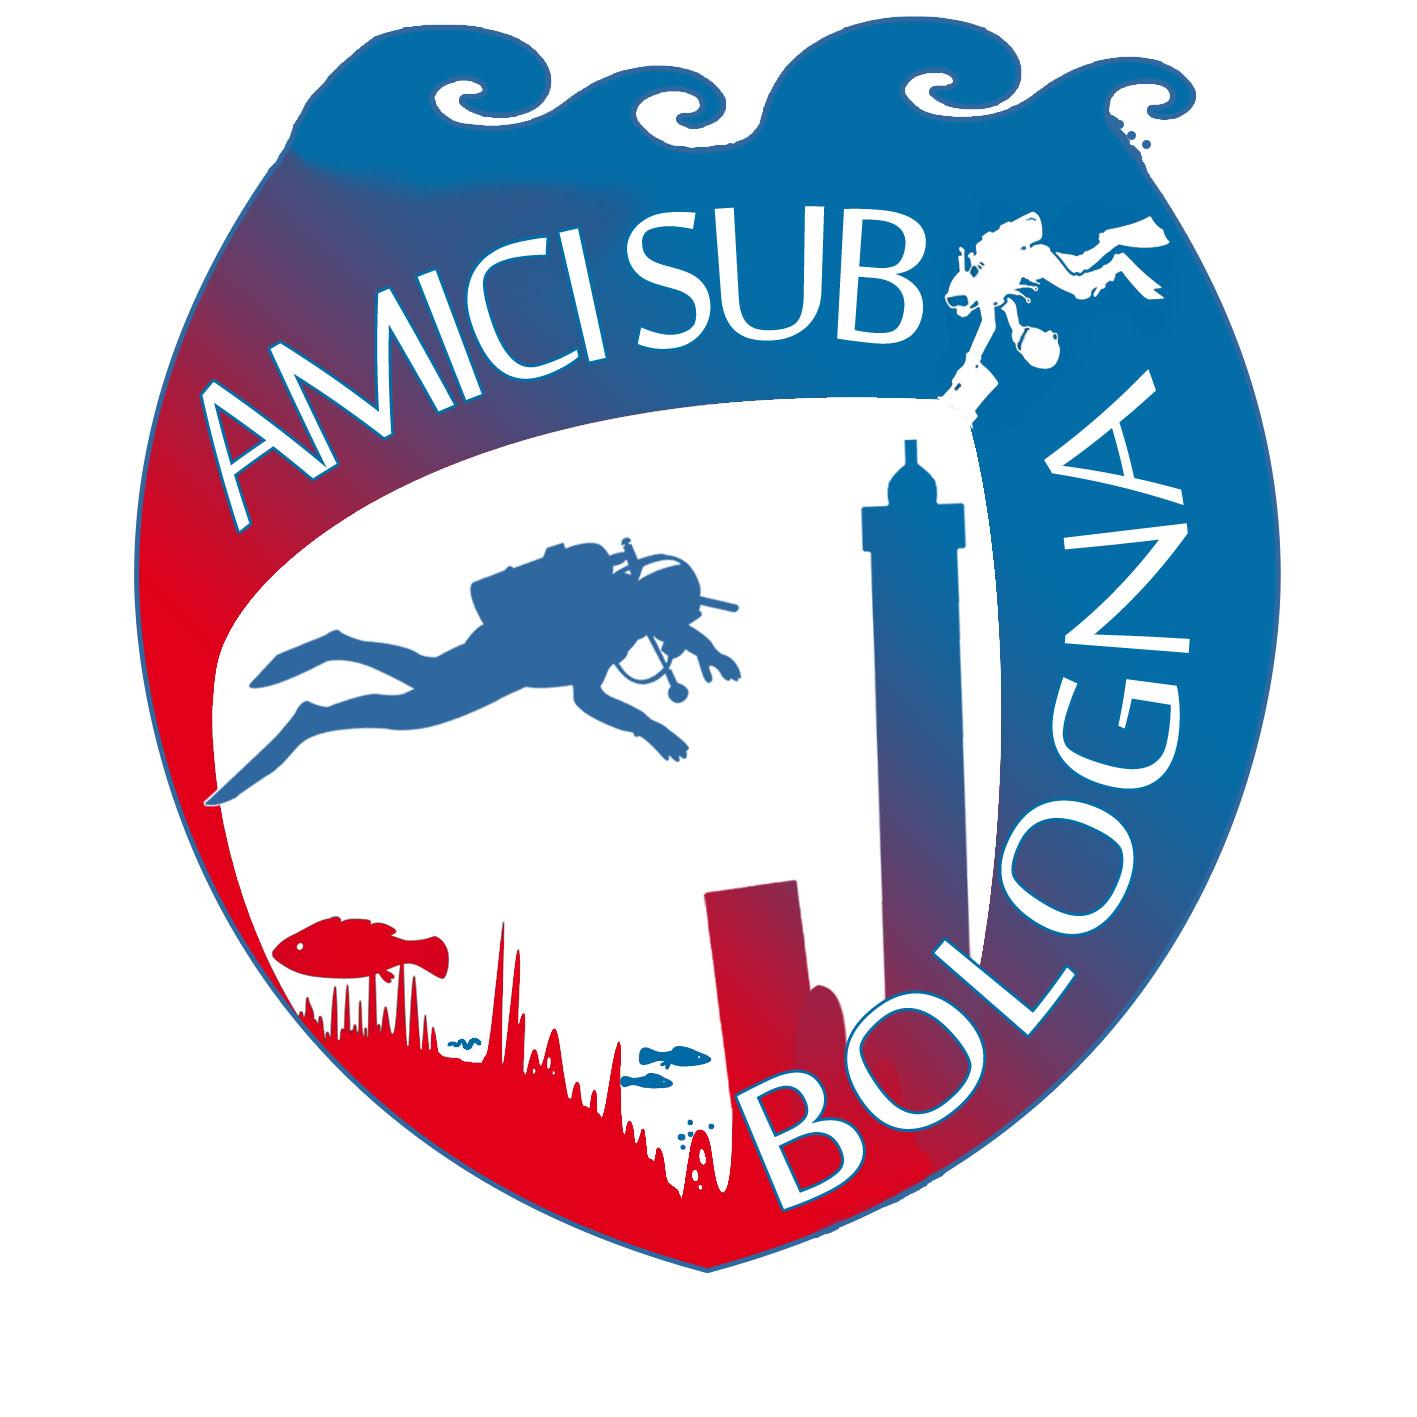 AmiciSub Bologna